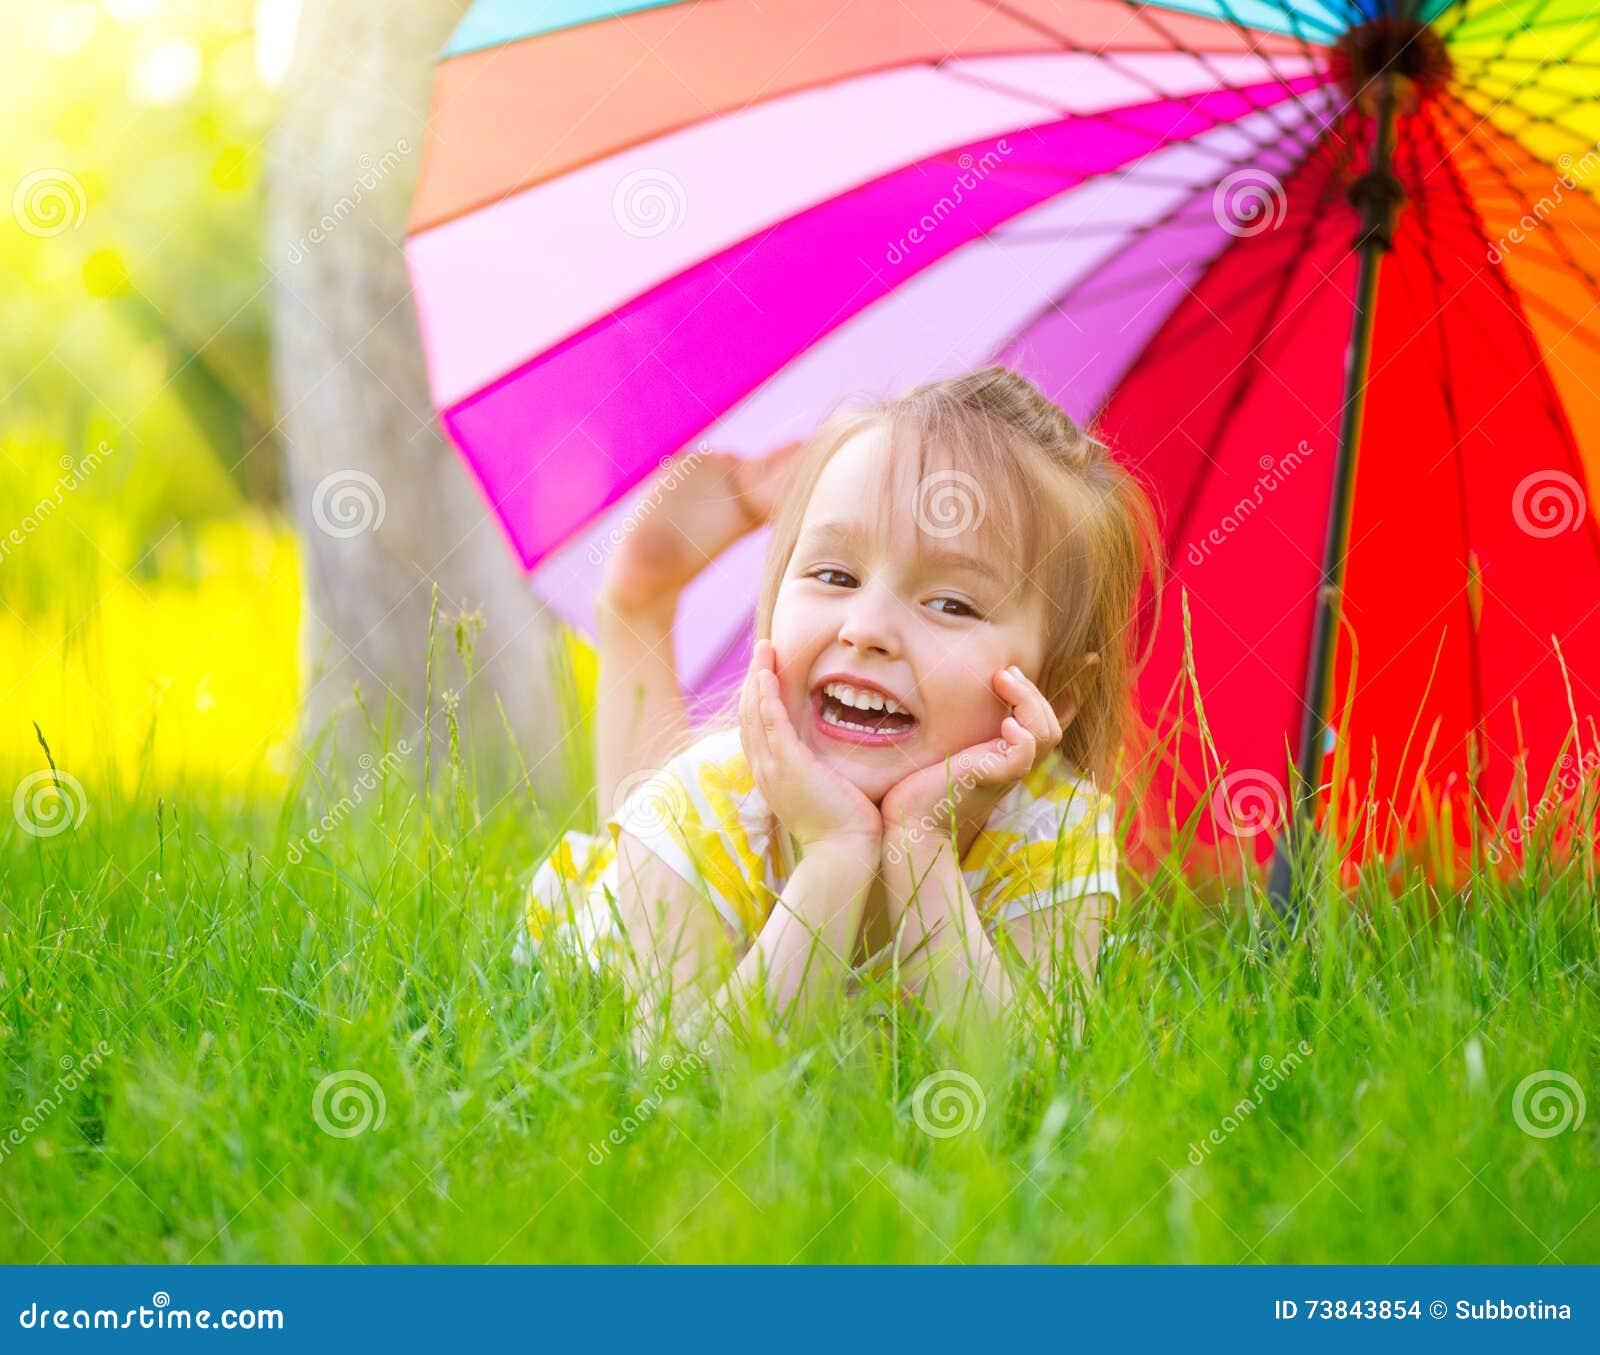 Μικρό κορίτσι που βρίσκεται στην πράσινη χλόη κάτω από τη ζωηρόχρωμη ομπρέλα